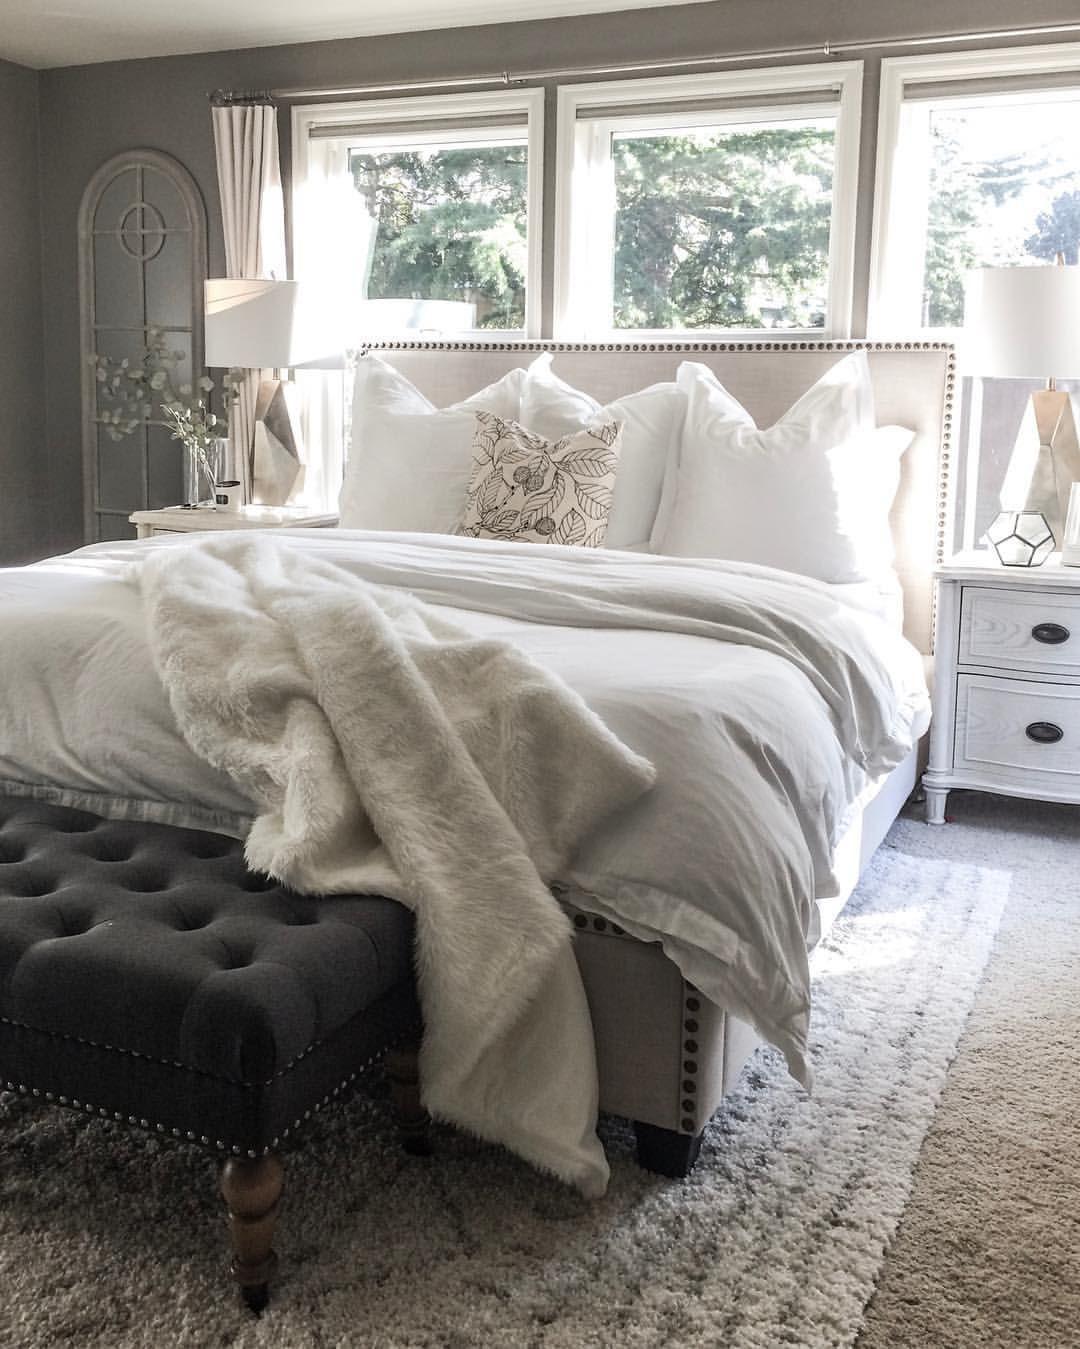 End Of Bed Bench Remodel Bedroom Home Decor Bedroom Master Bedroom Design